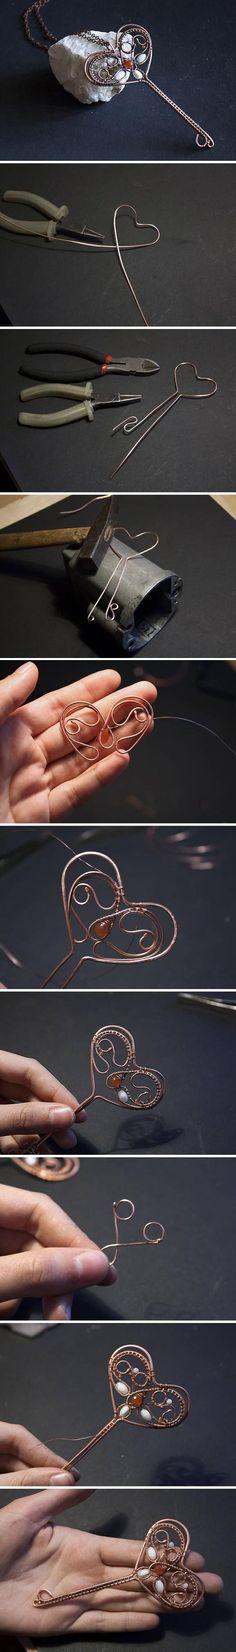 Wire Wrapped Heart Key Pendant Tutorial #diyjewelry